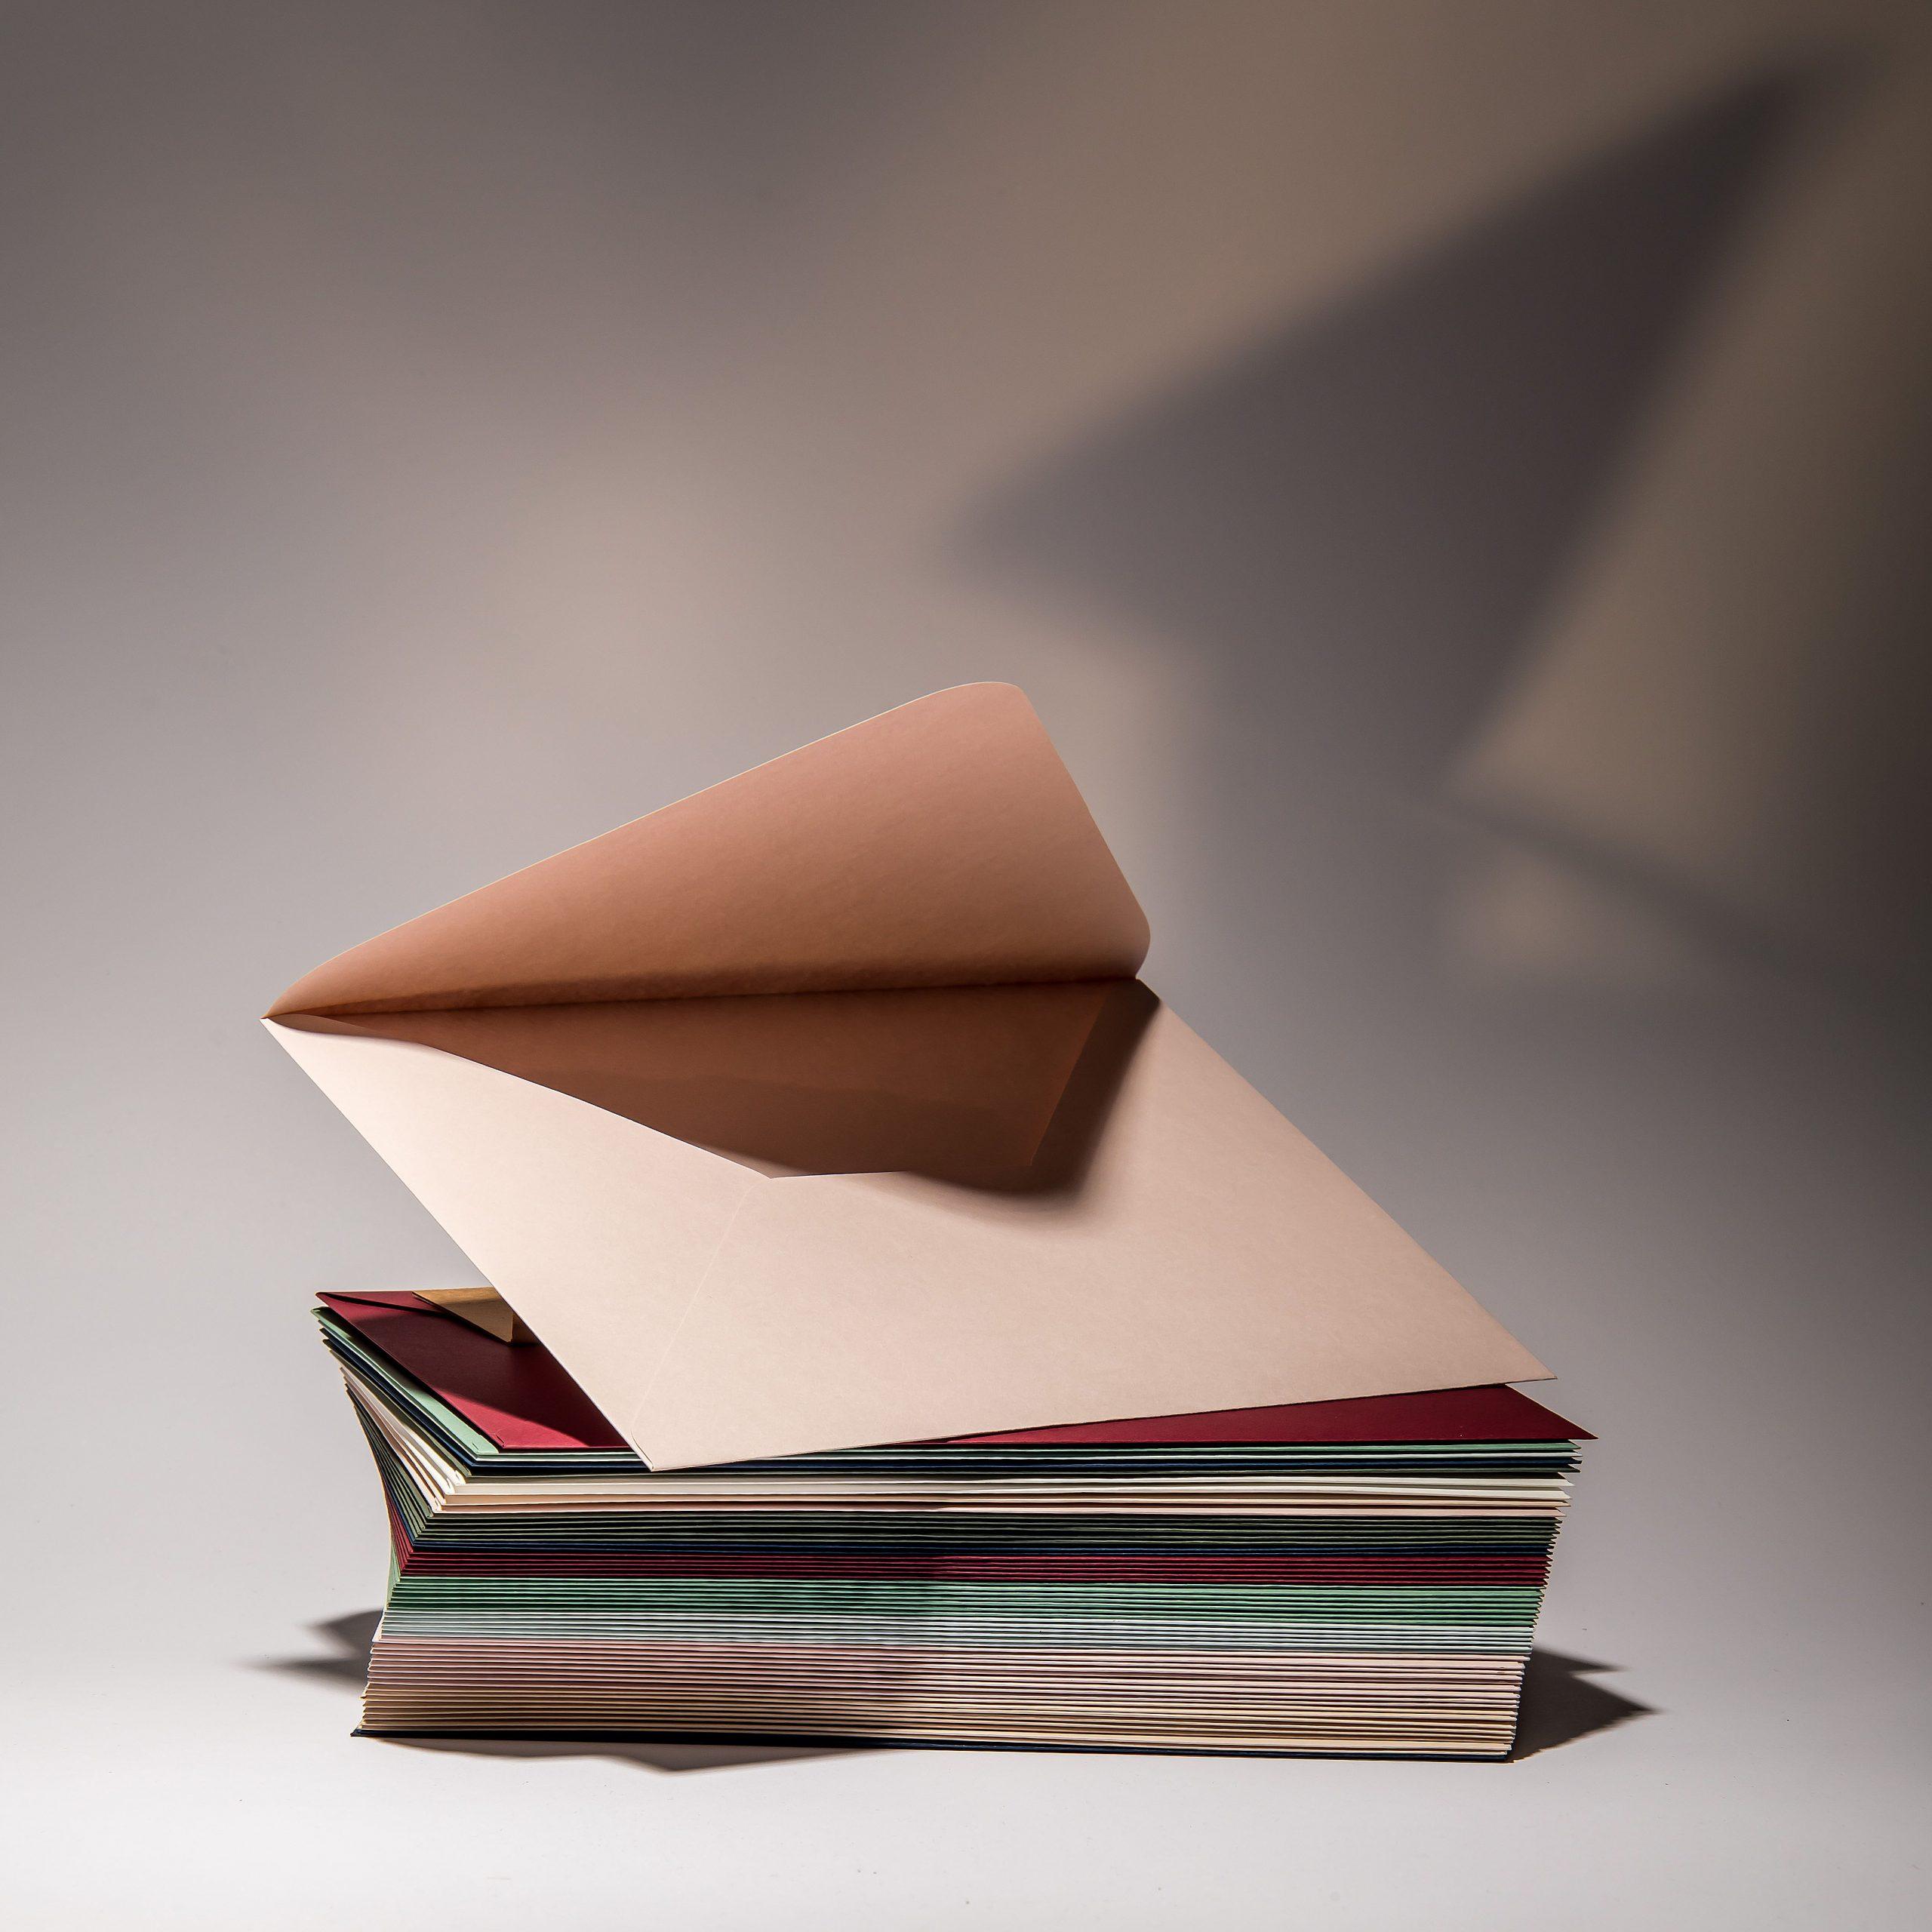 Papír a obálky